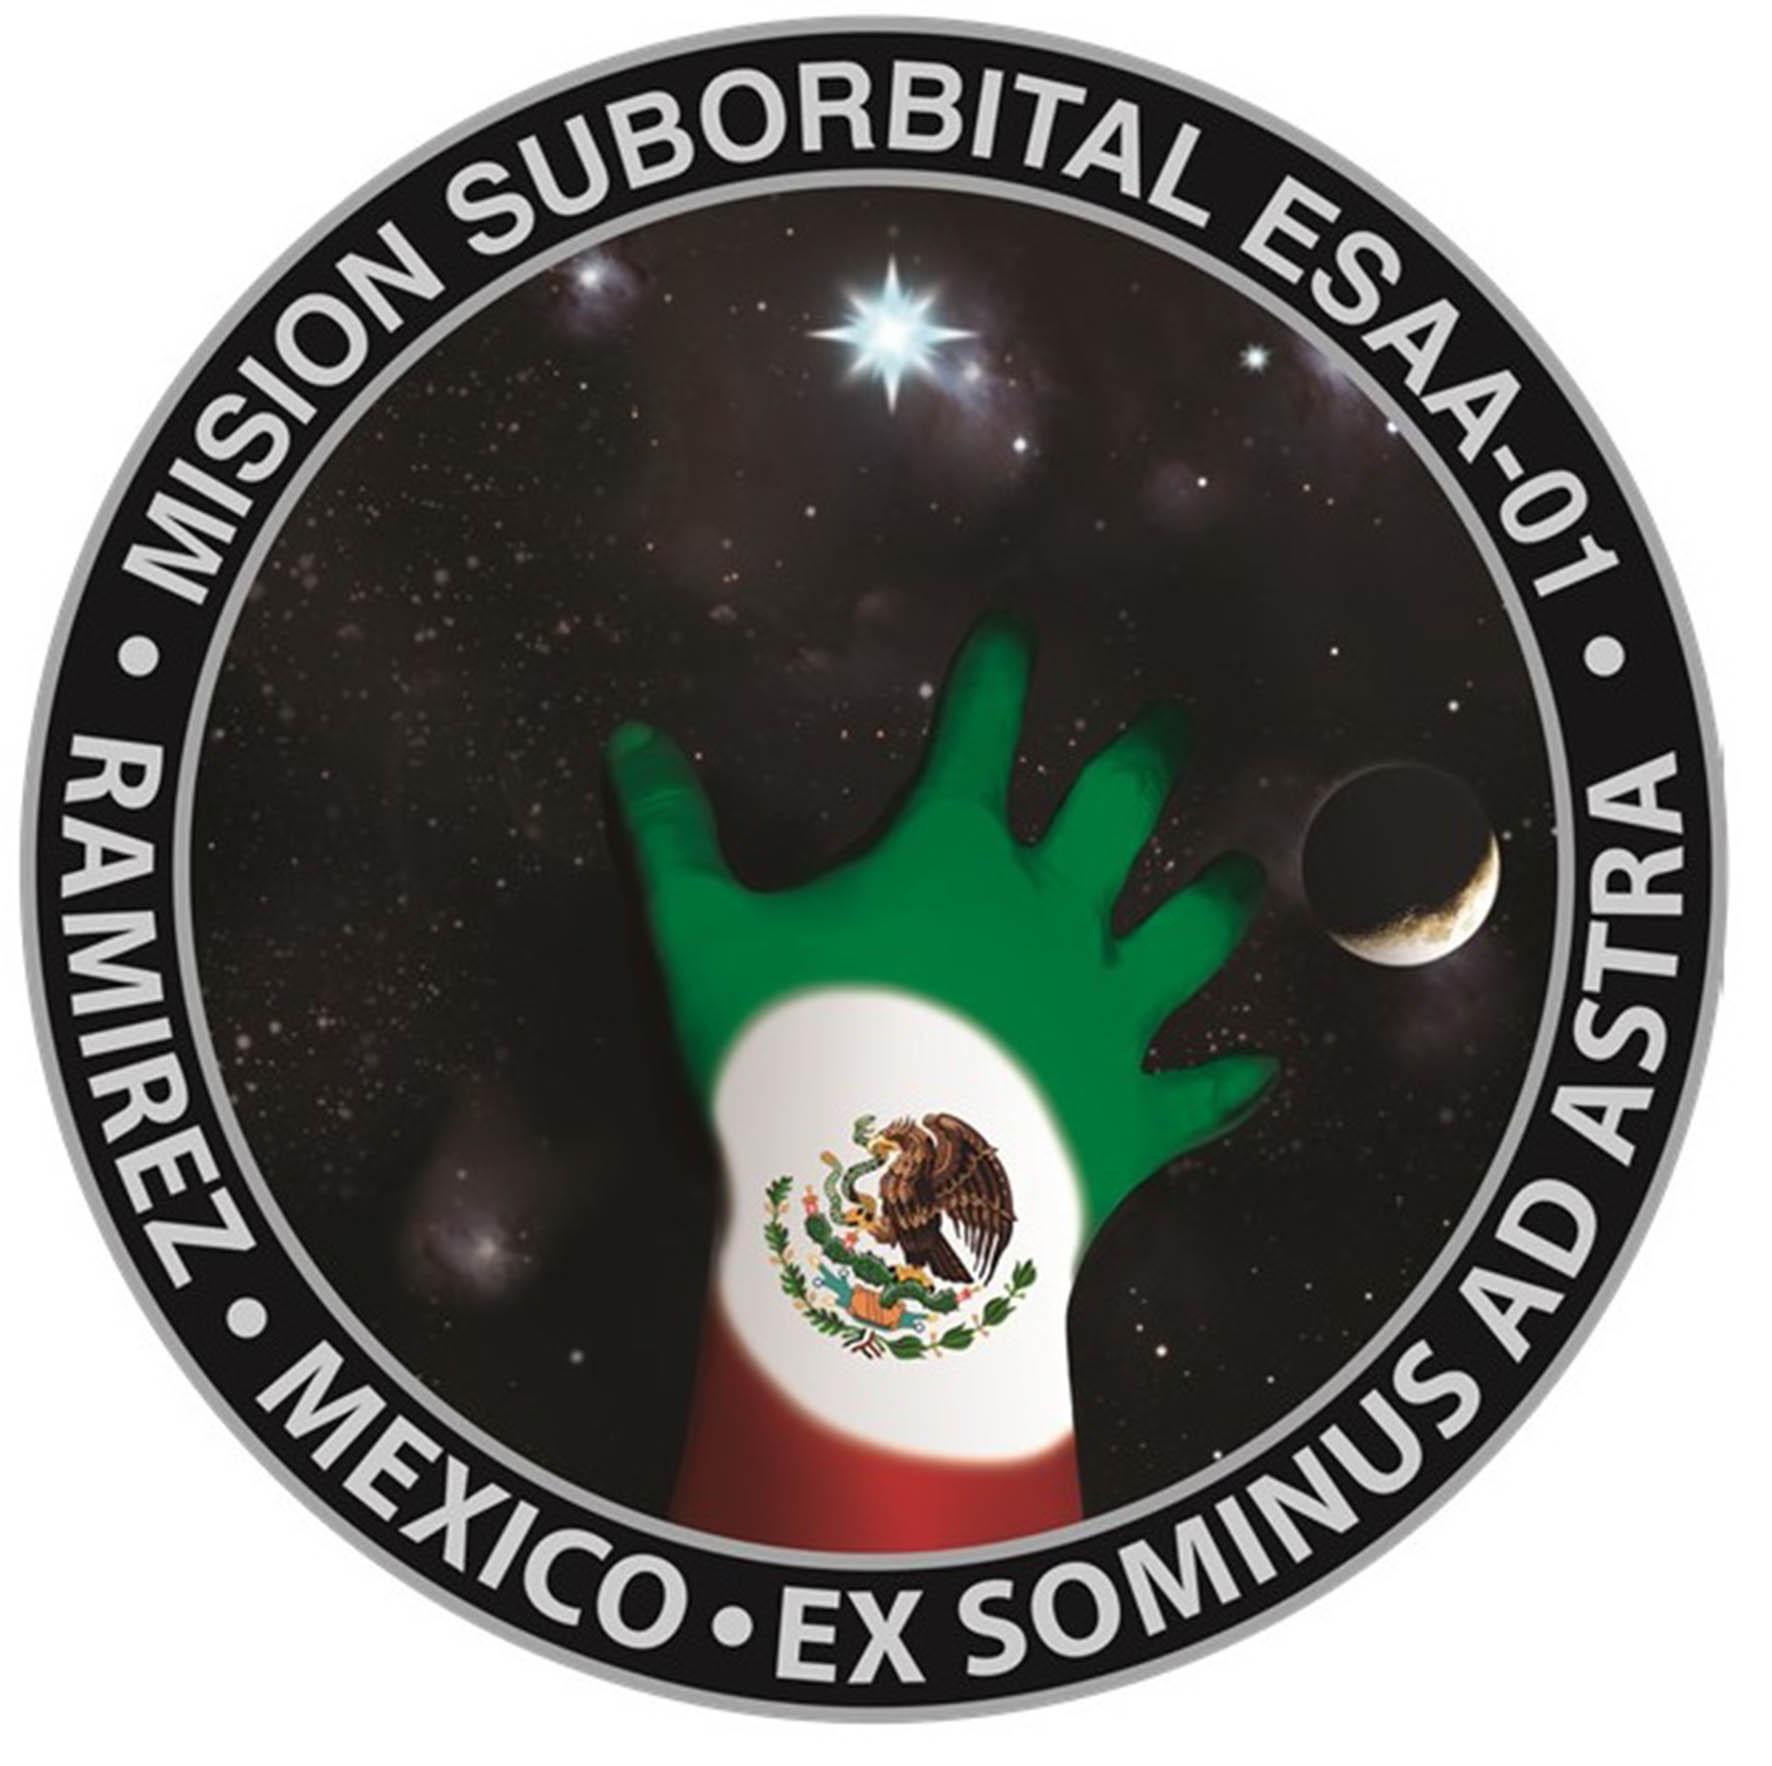 Profesor de la UNAM participará en la primera misión espacial latinoamericana de la historia